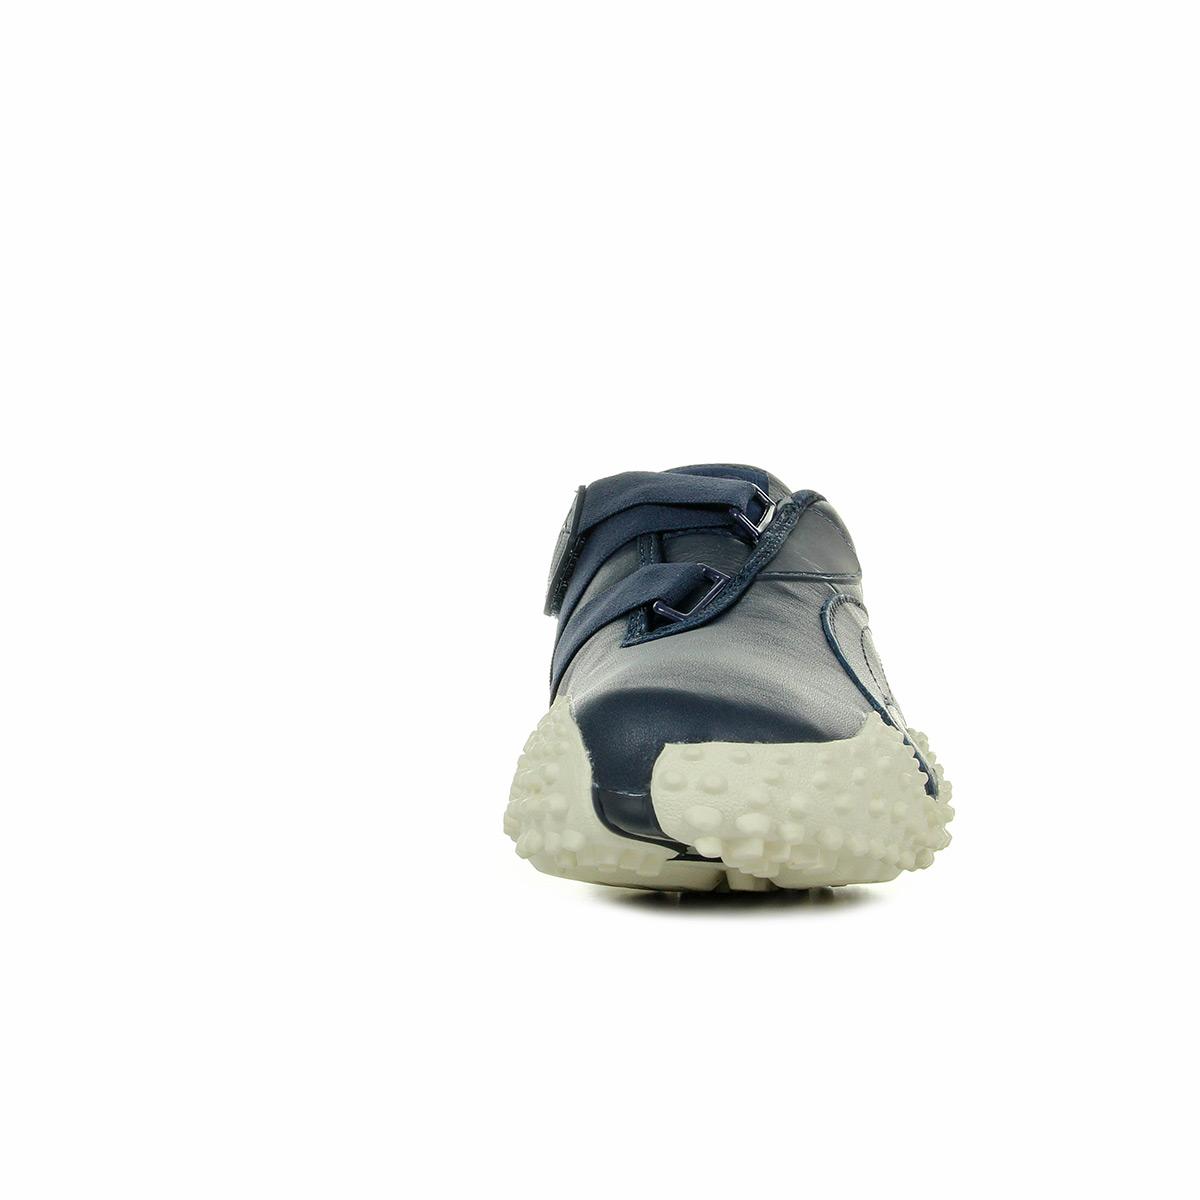 Puma Mostro OG 36362302, Baskets mode homme